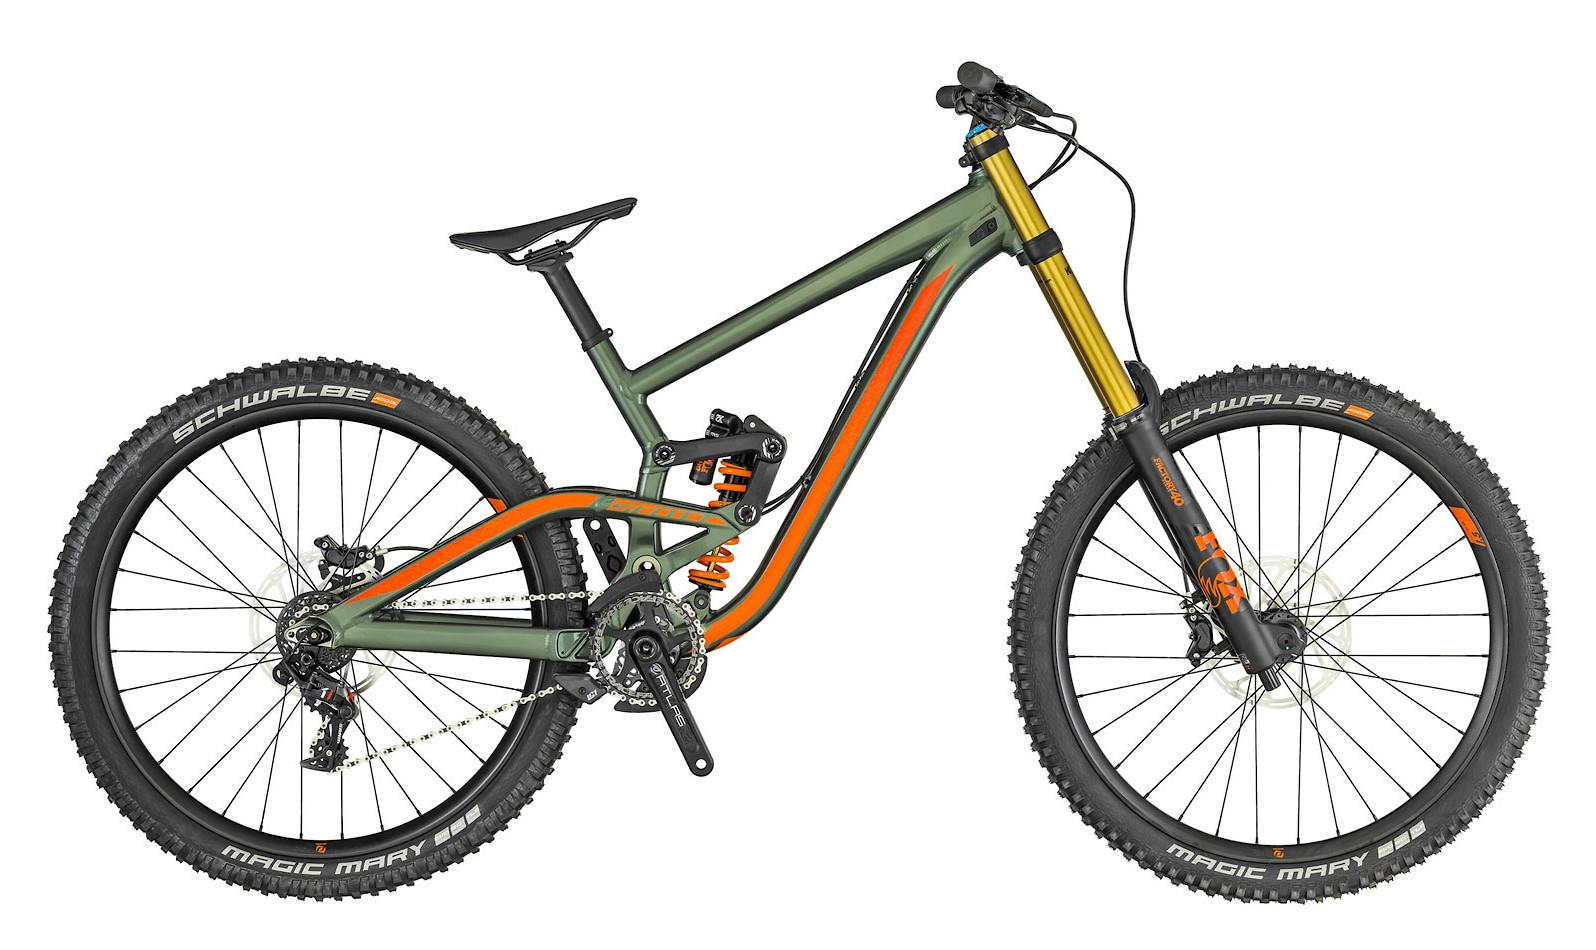 2019 Scott Gambler 710 Bike